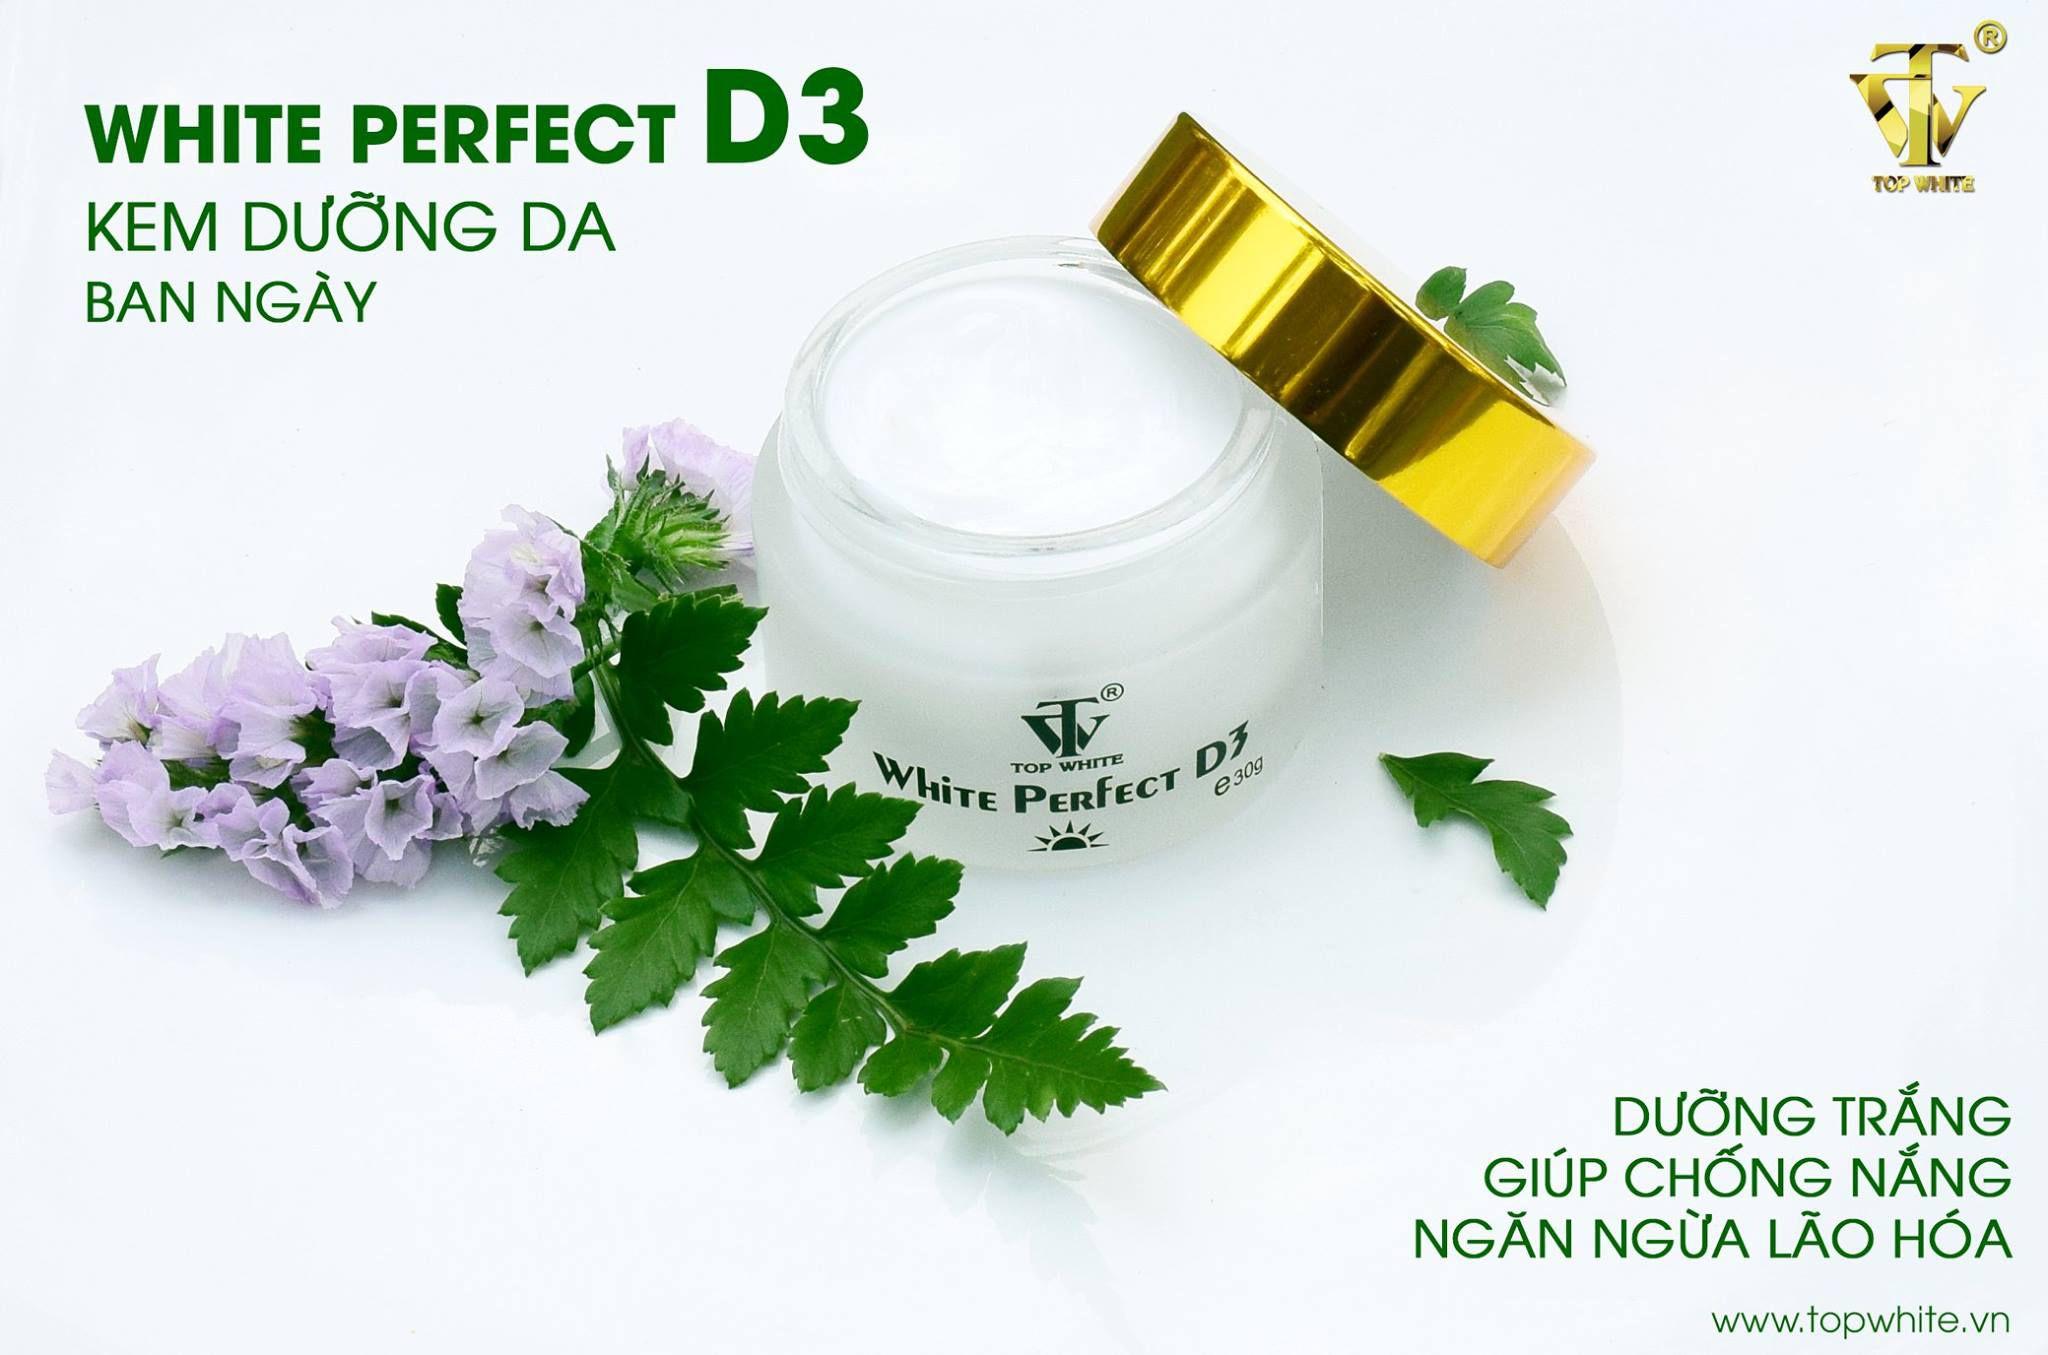 kem dưỡng trắng da chống nắng white perfect D3 của Top White